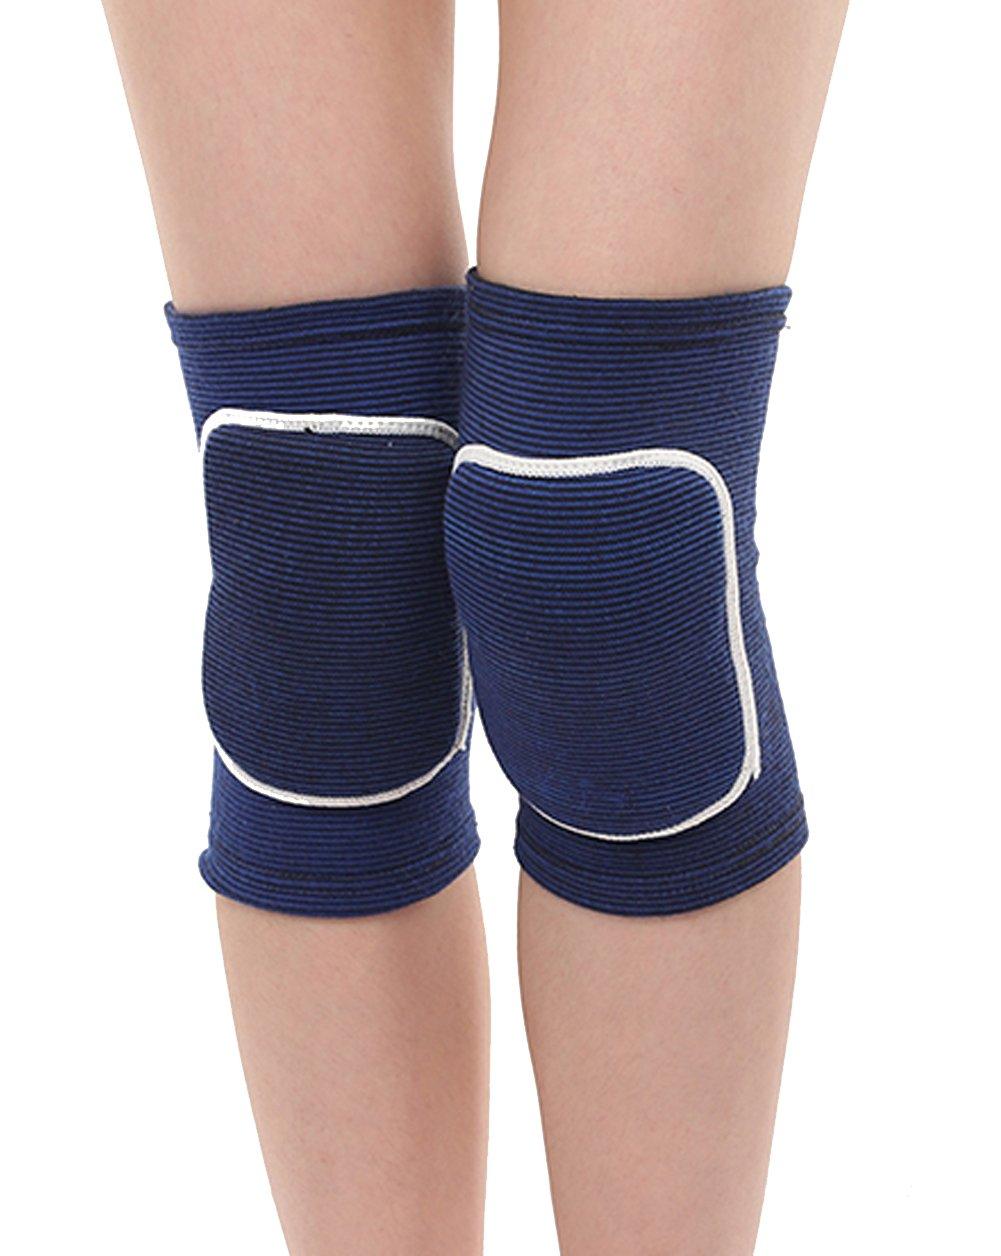 1 Paar Kinder Knieschoner Schutz für Meniskus Bänder und Patella Knie Sportbandage Atmungsaktive Knieorthese Schutz für Knie Bandage Beim Laufen Joggen und Volleyball Kniepolster QICHENGUK